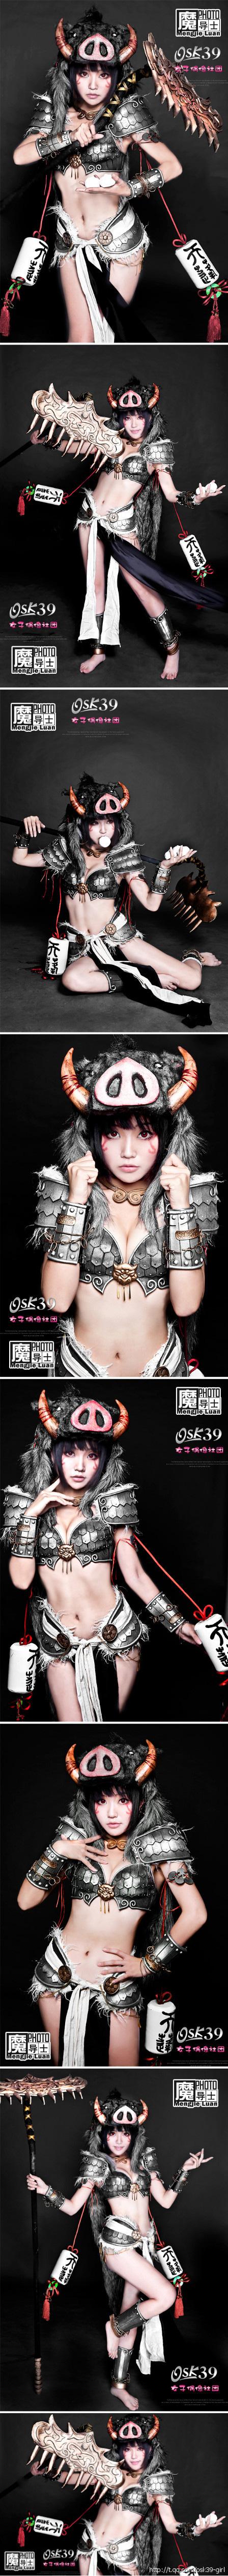 Ngắm cosplay Trư Bát Giới phiên bản nữ - Ảnh 1